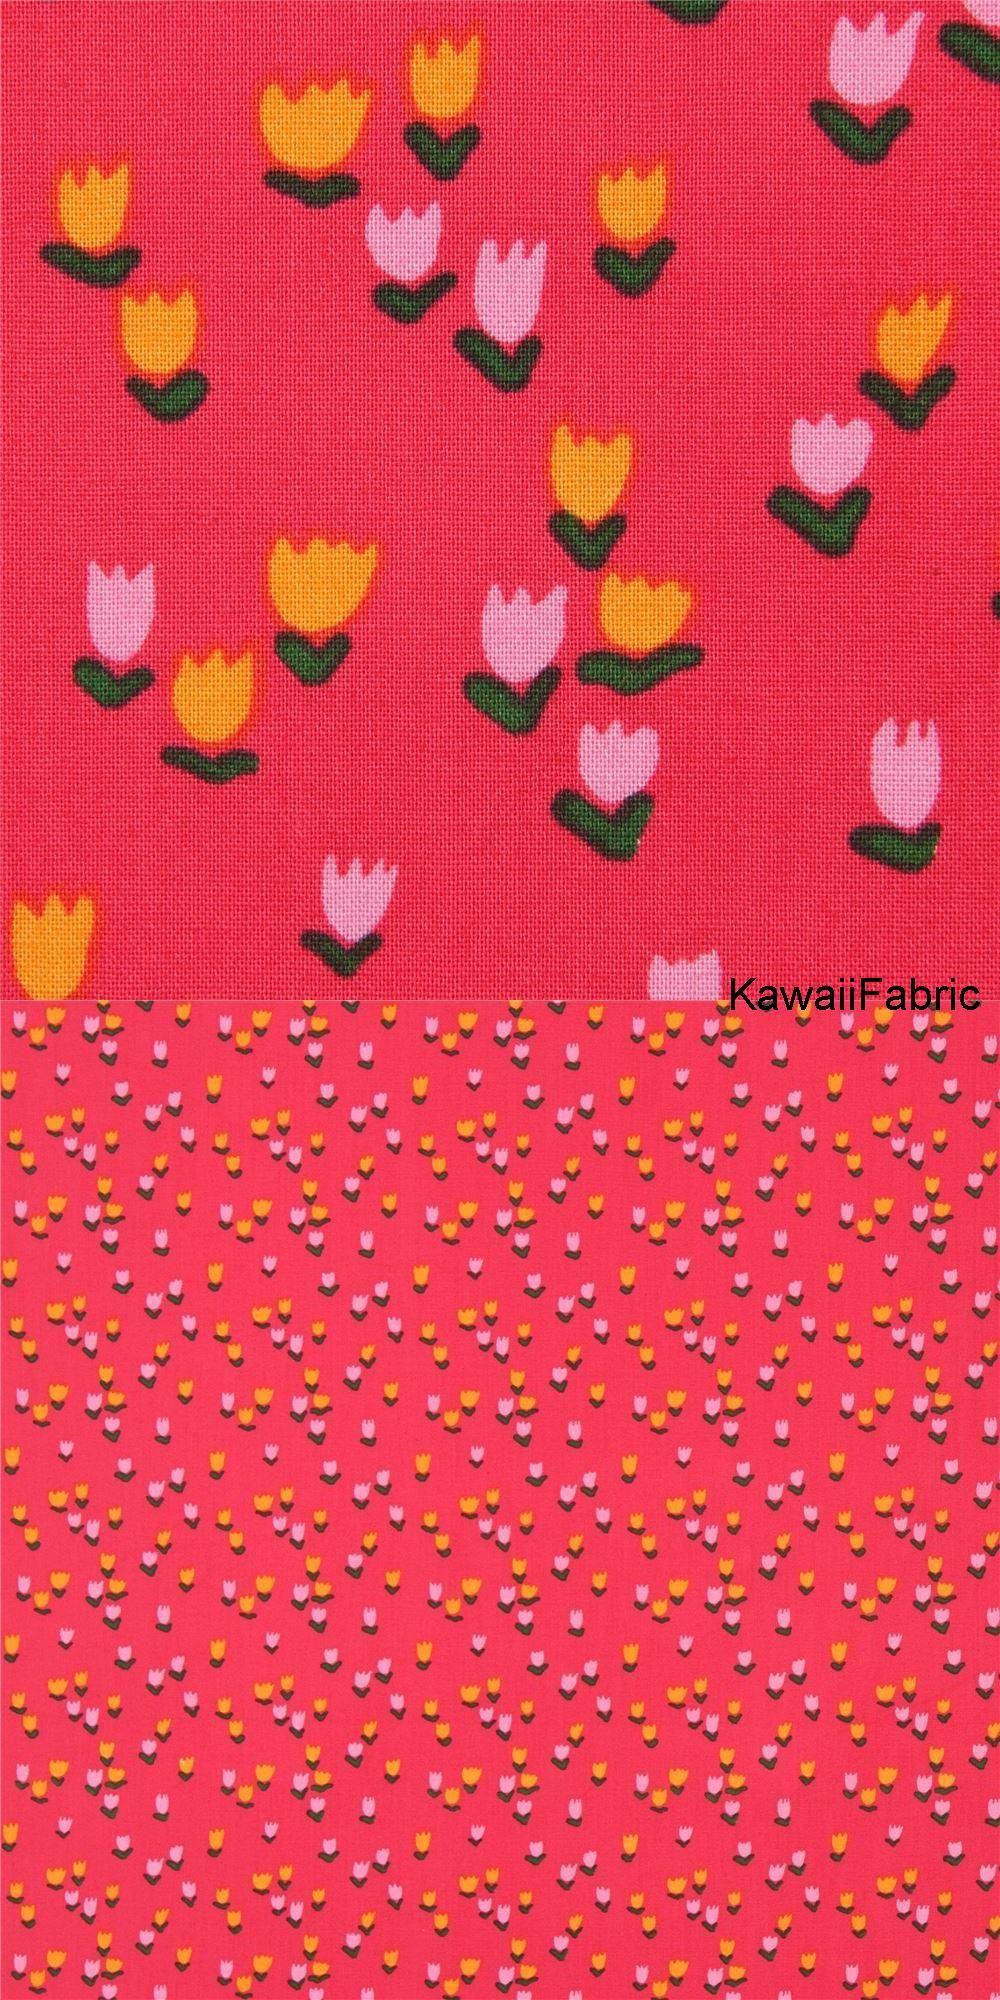 Pin by kawaii fabric shop on en organic cotton fabric